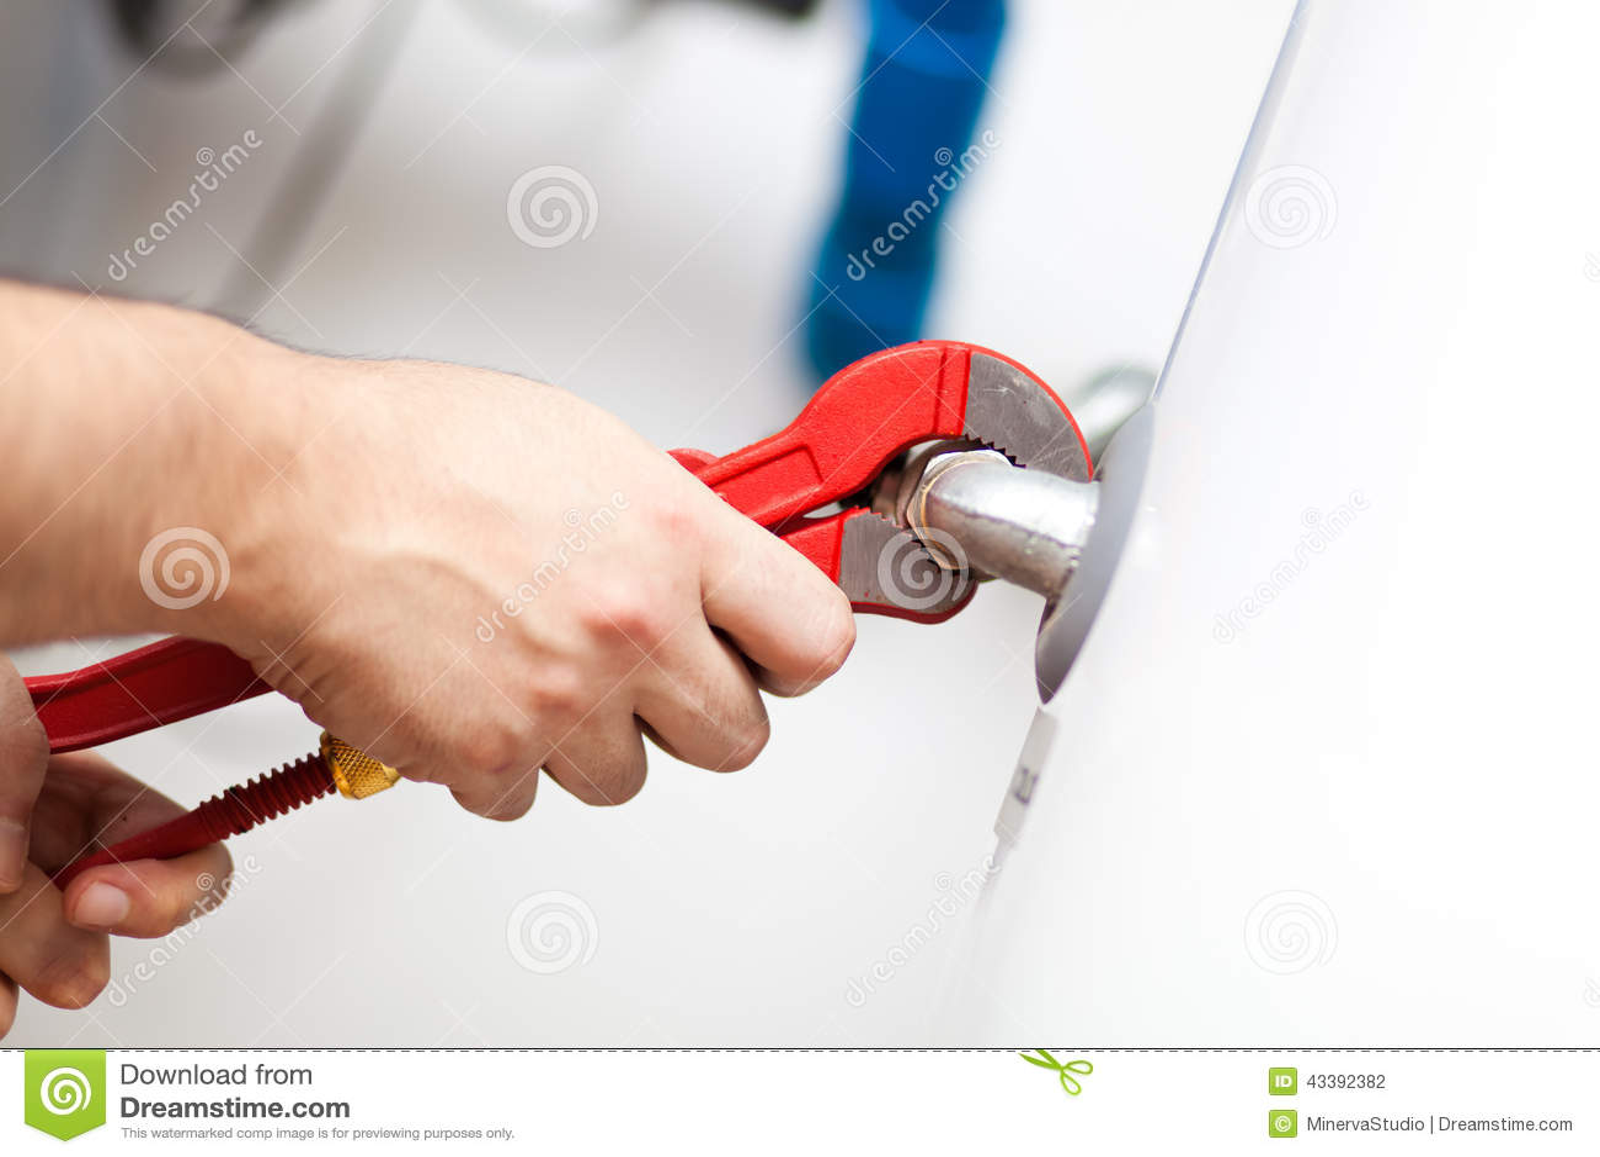 Technician repairing an hot-water heater